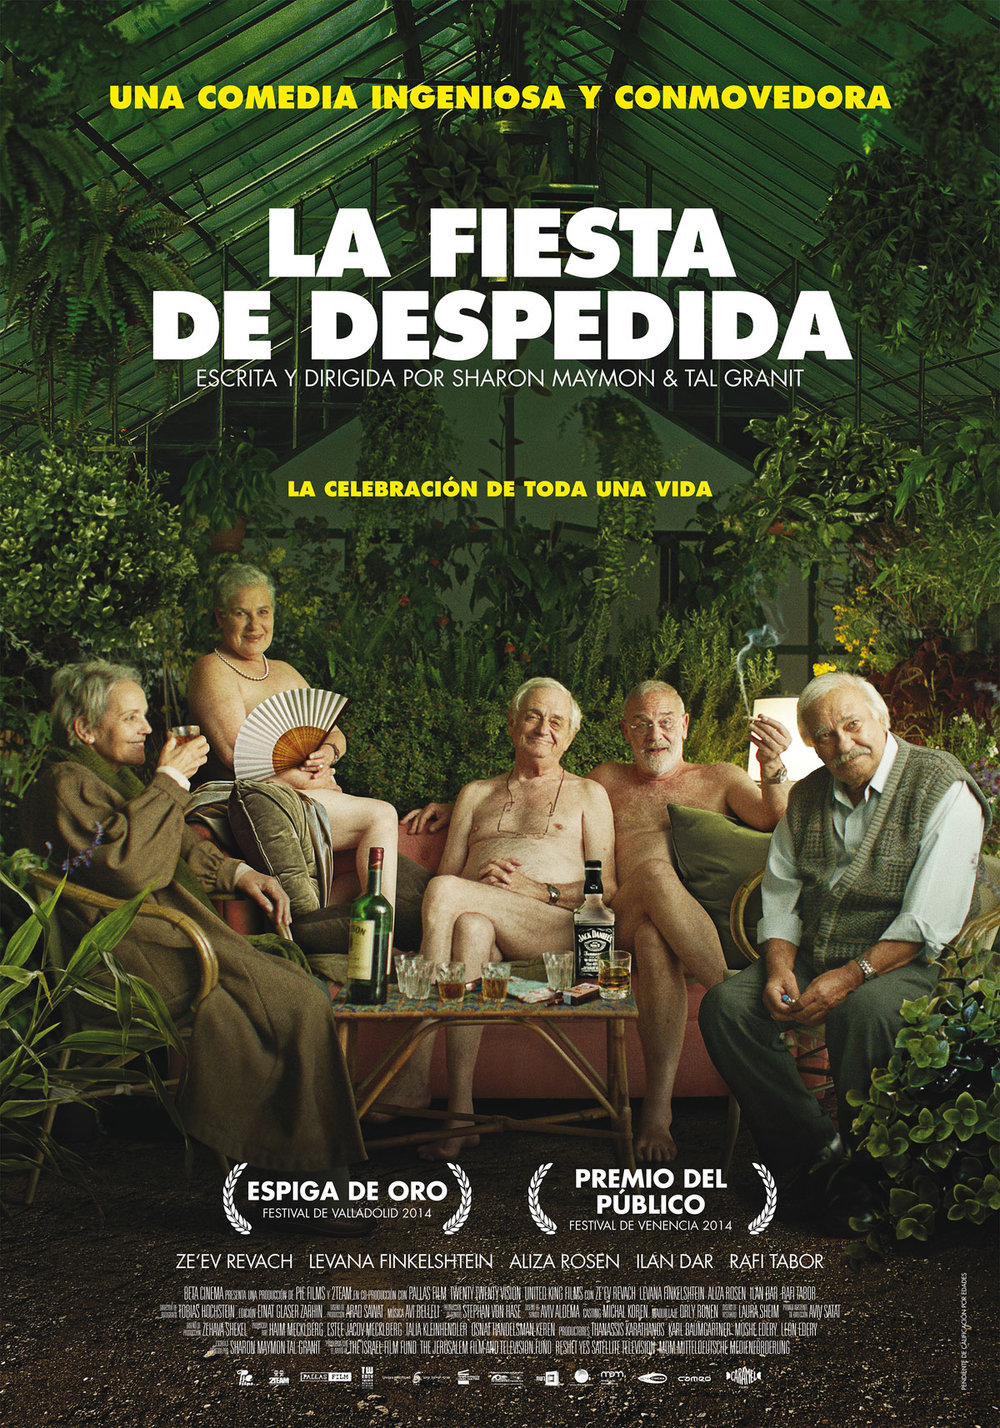 LA FIESTA DE DESPEDIDA1.jpg